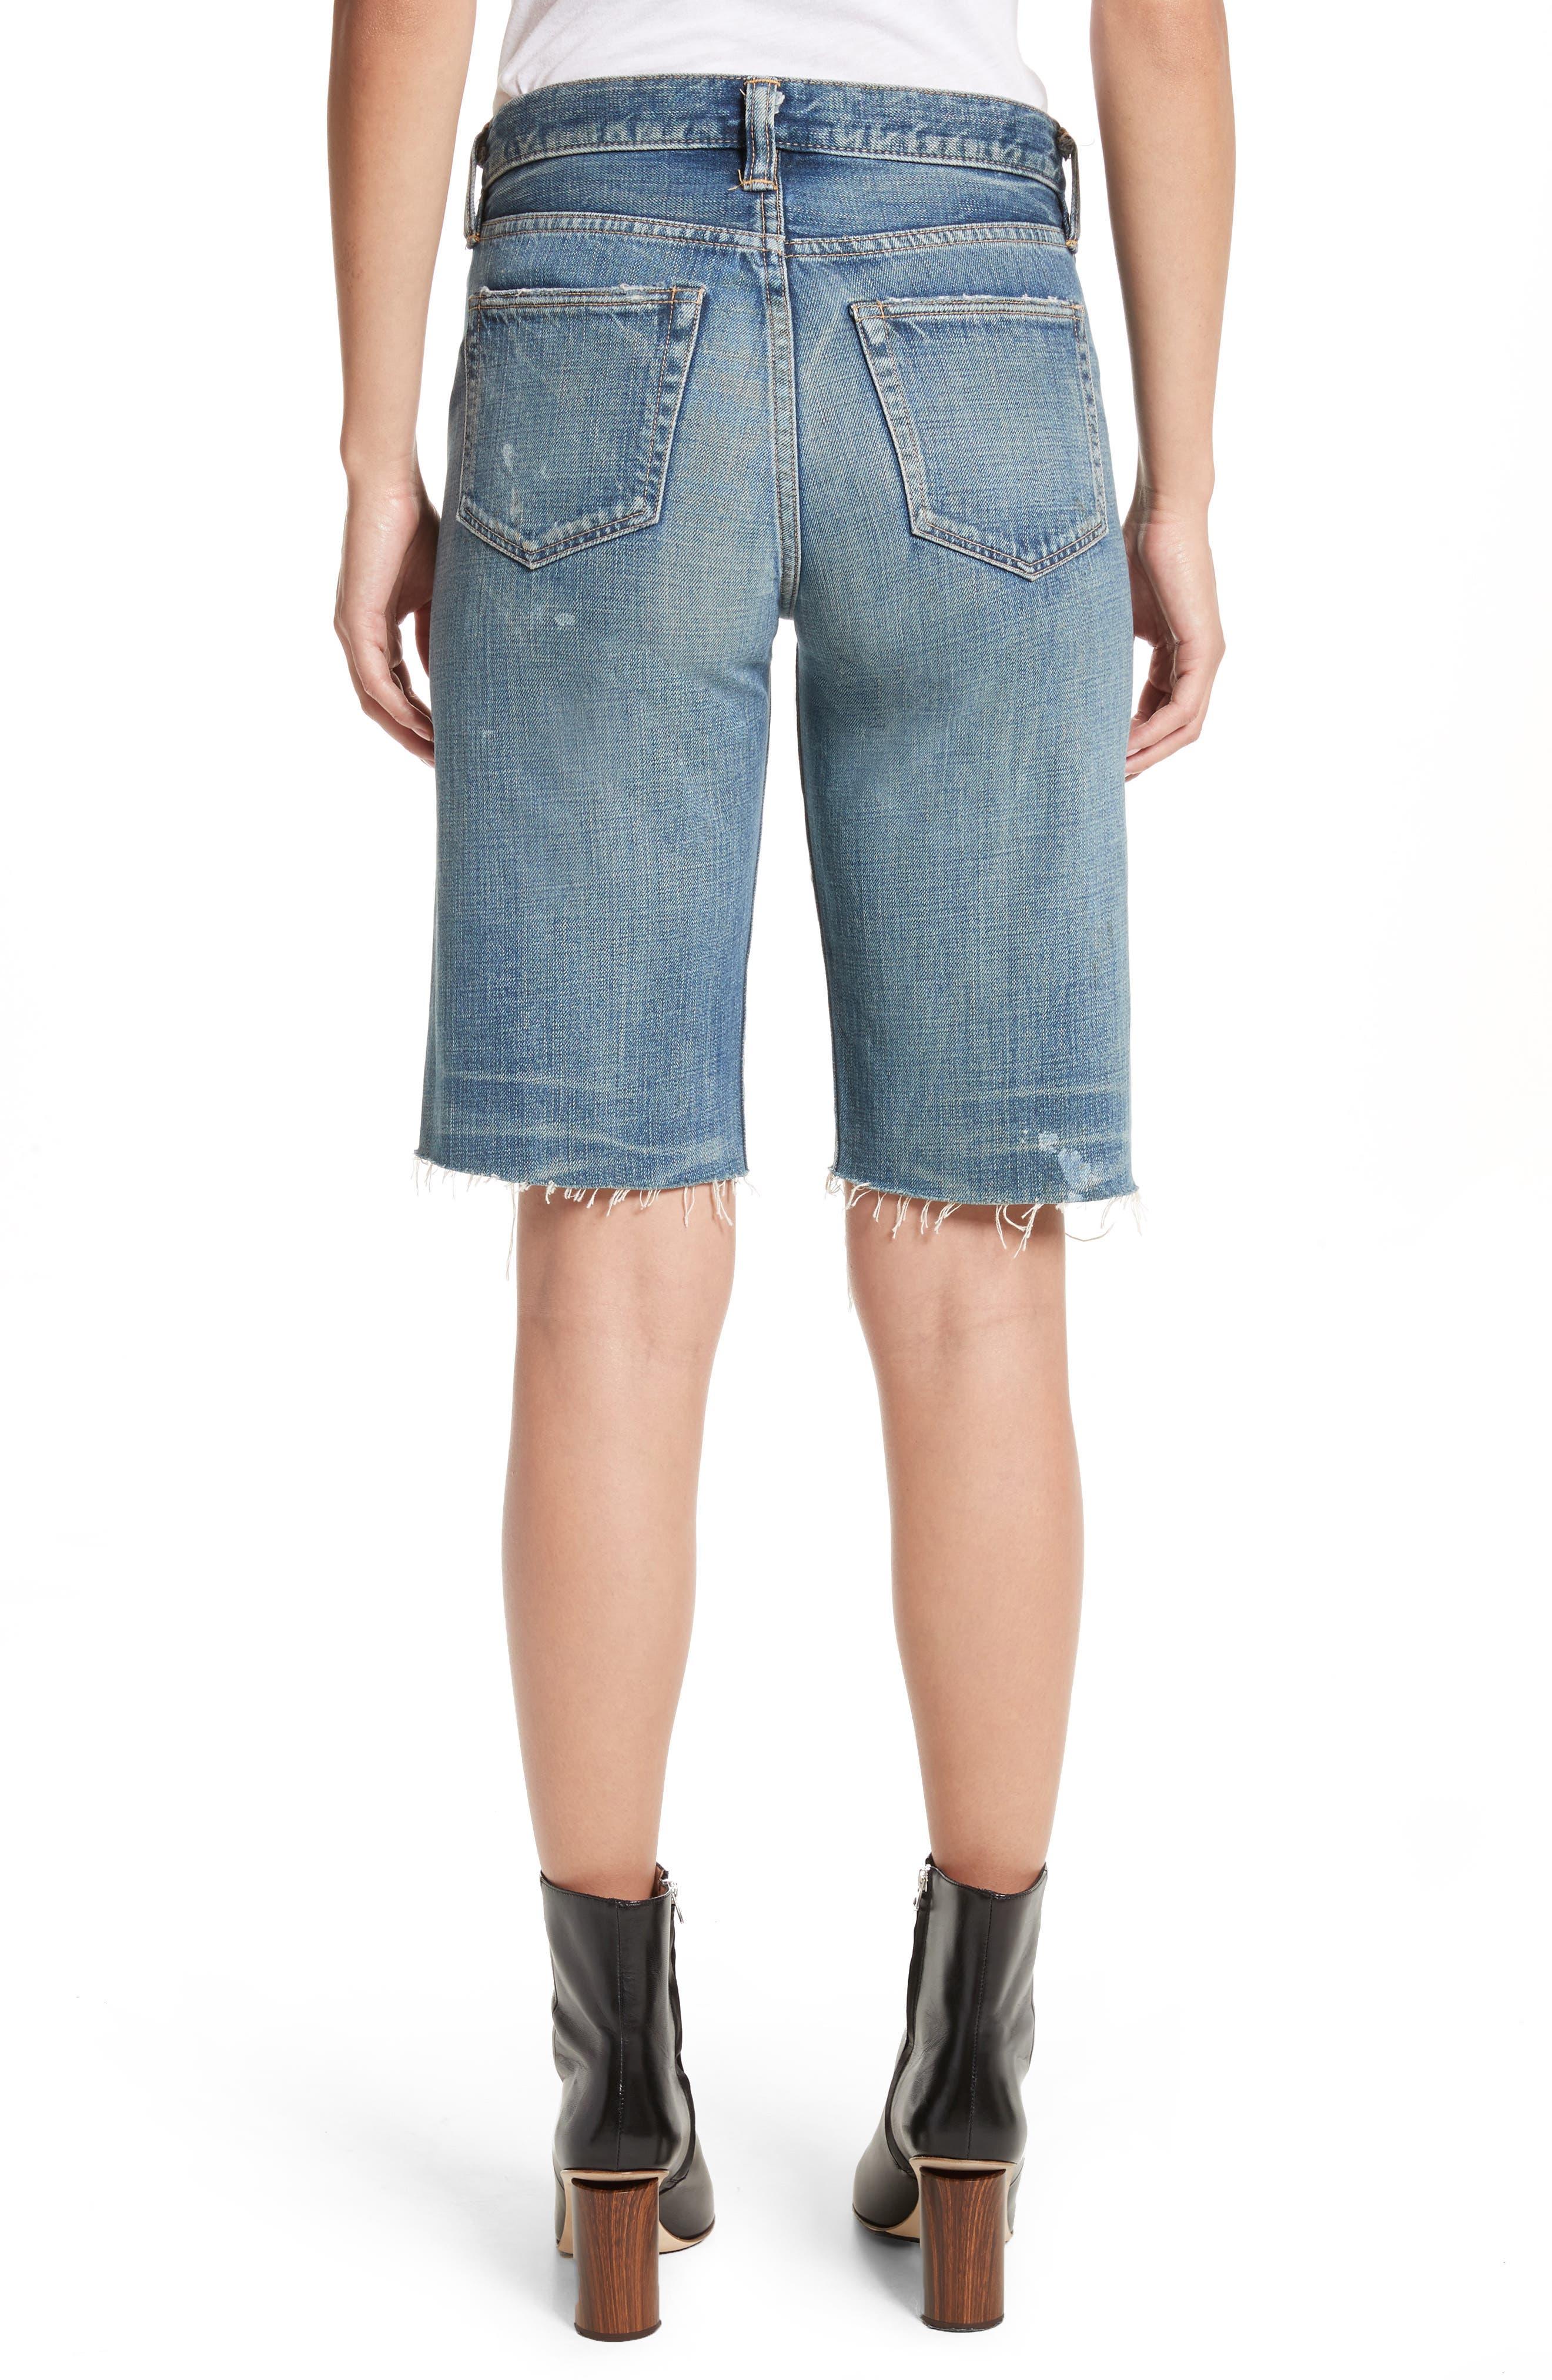 Gannett Denim Shorts,                             Alternate thumbnail 2, color,                             400